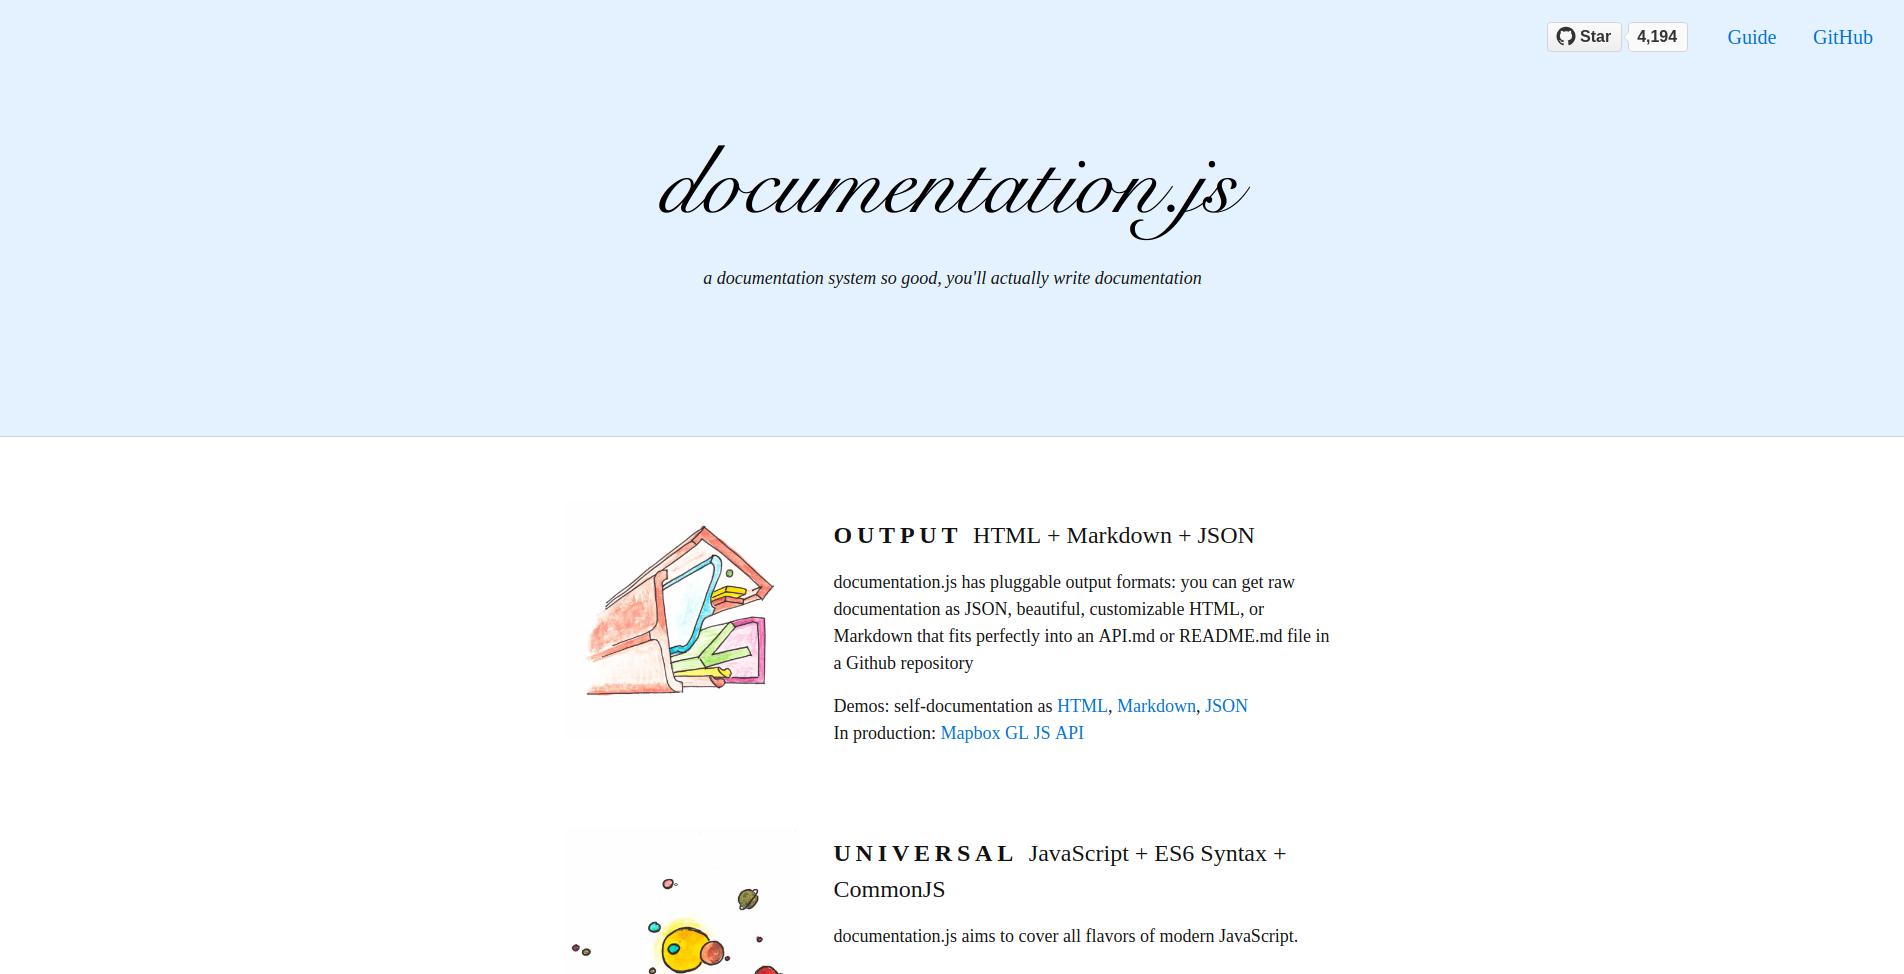 Let's talk JS ⚡: documentation